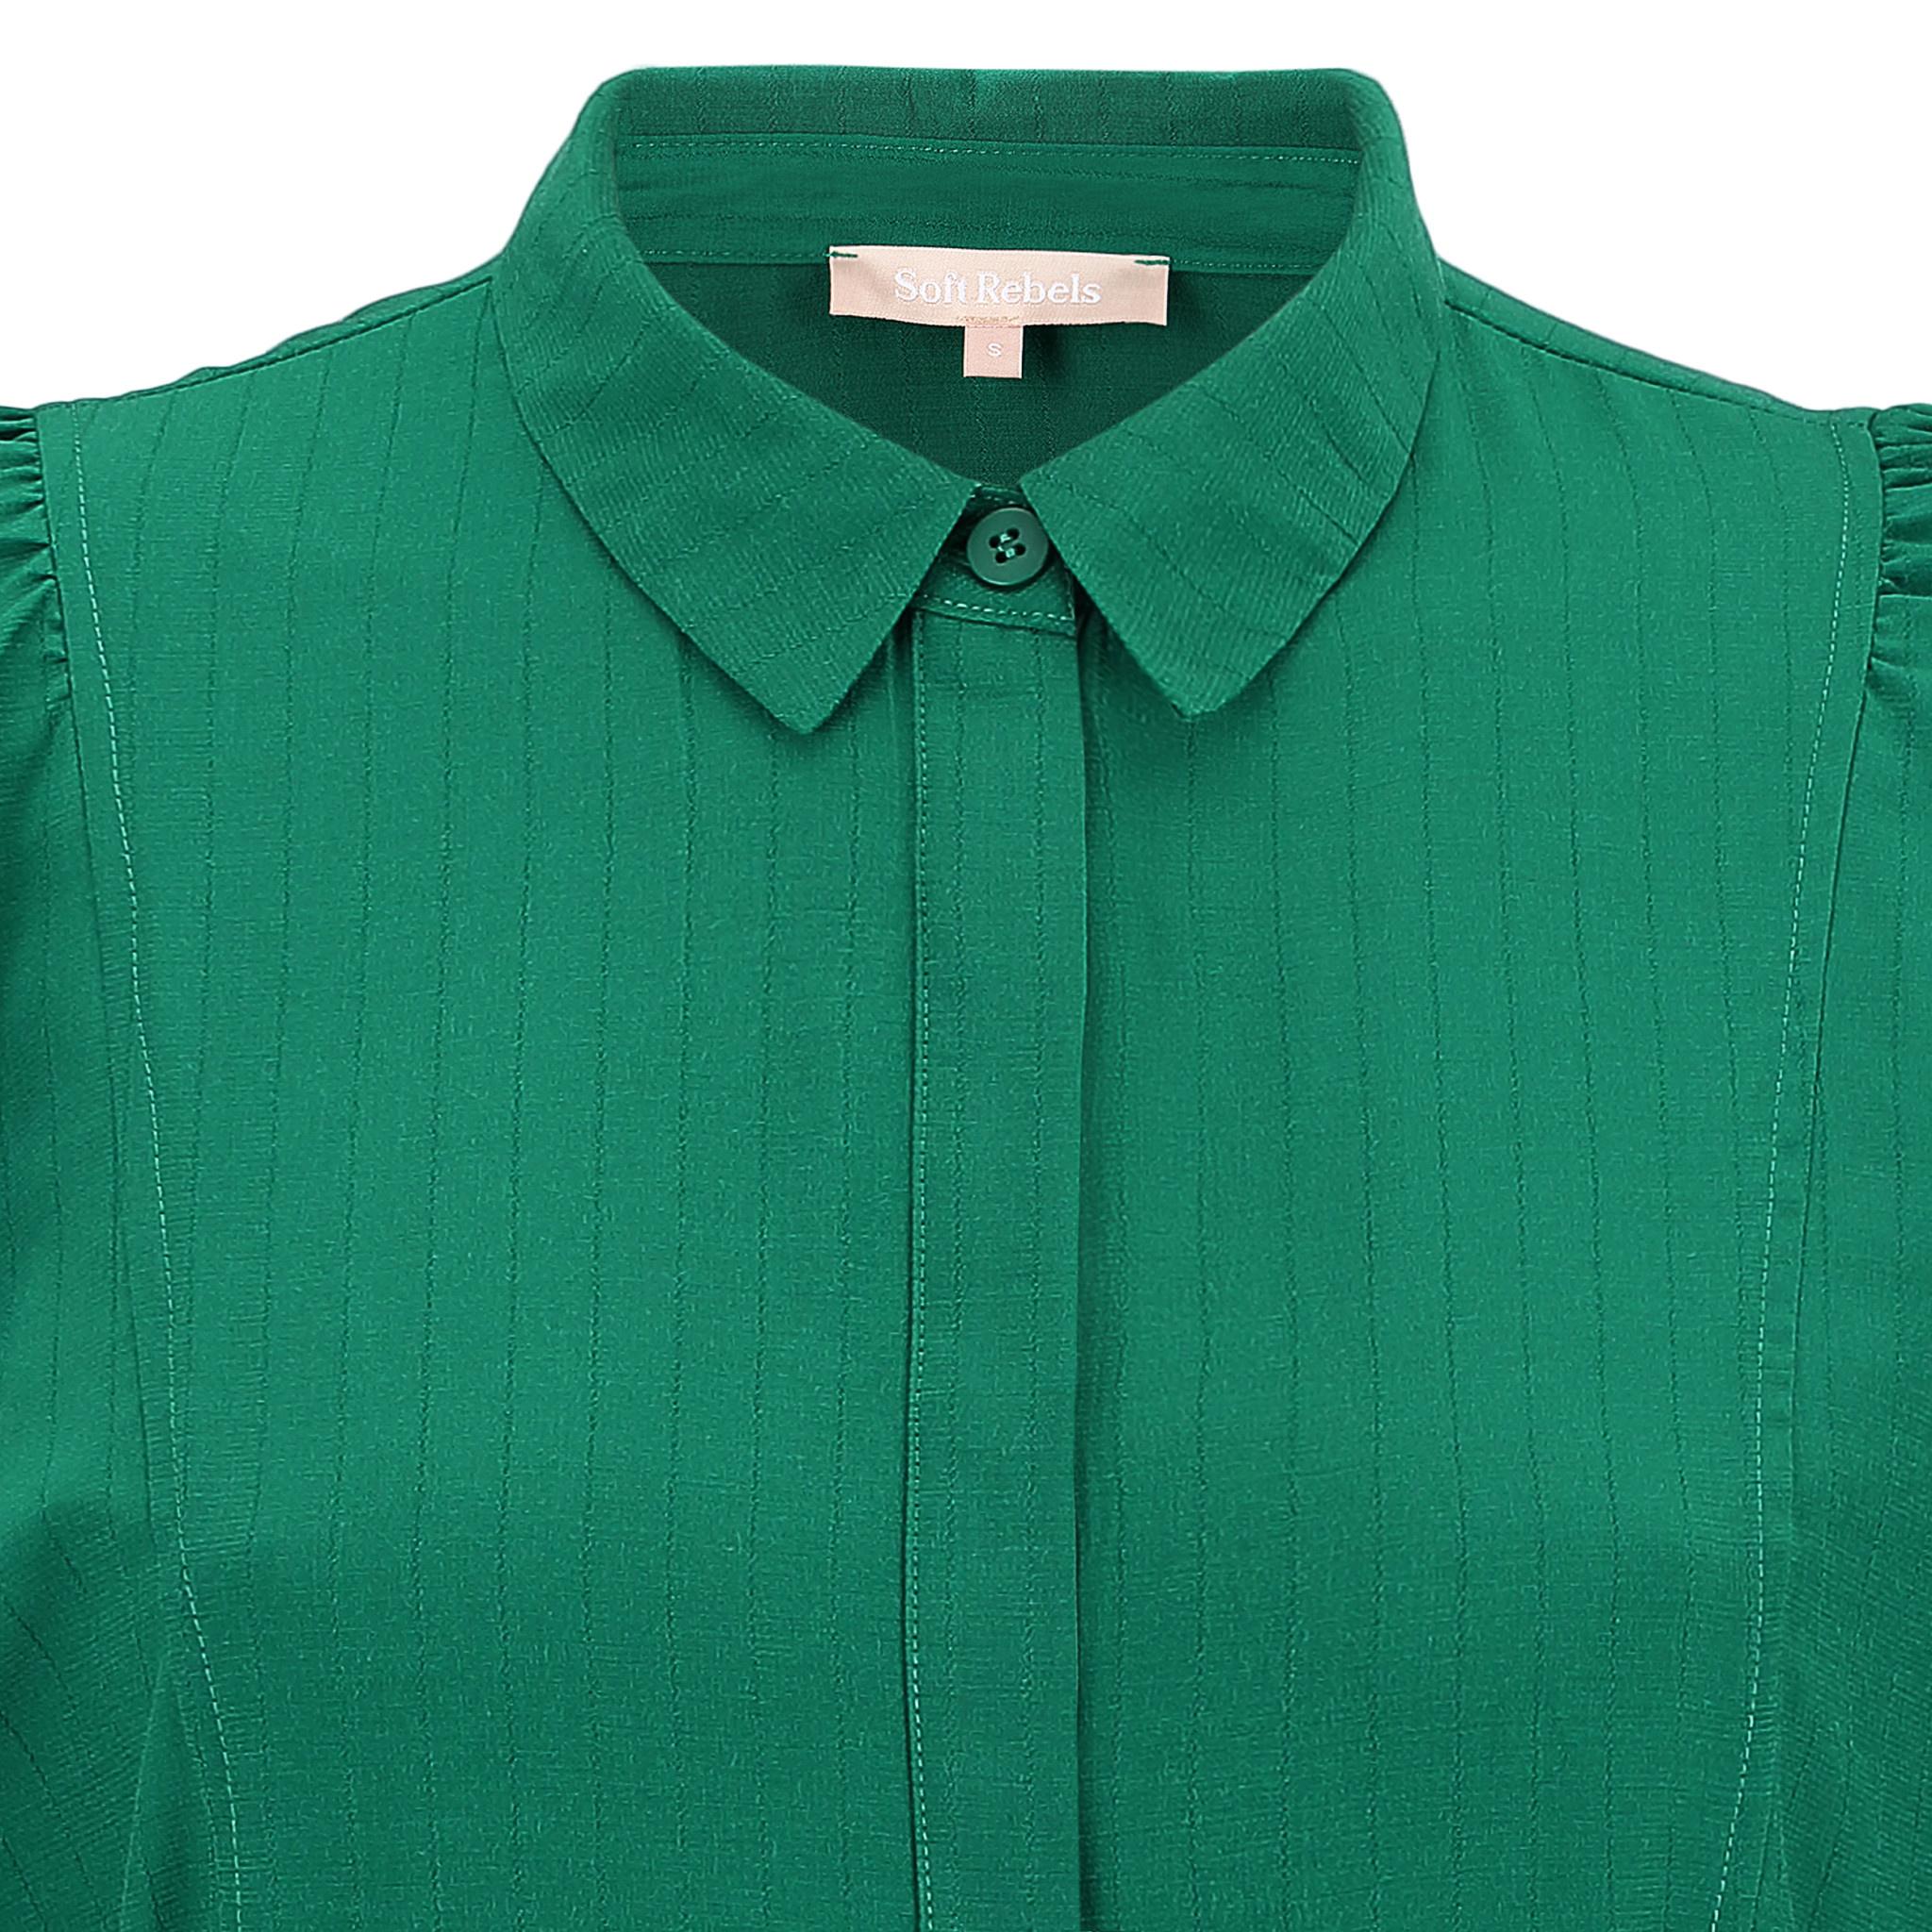 Soft Rebels Manna Shirt Dress